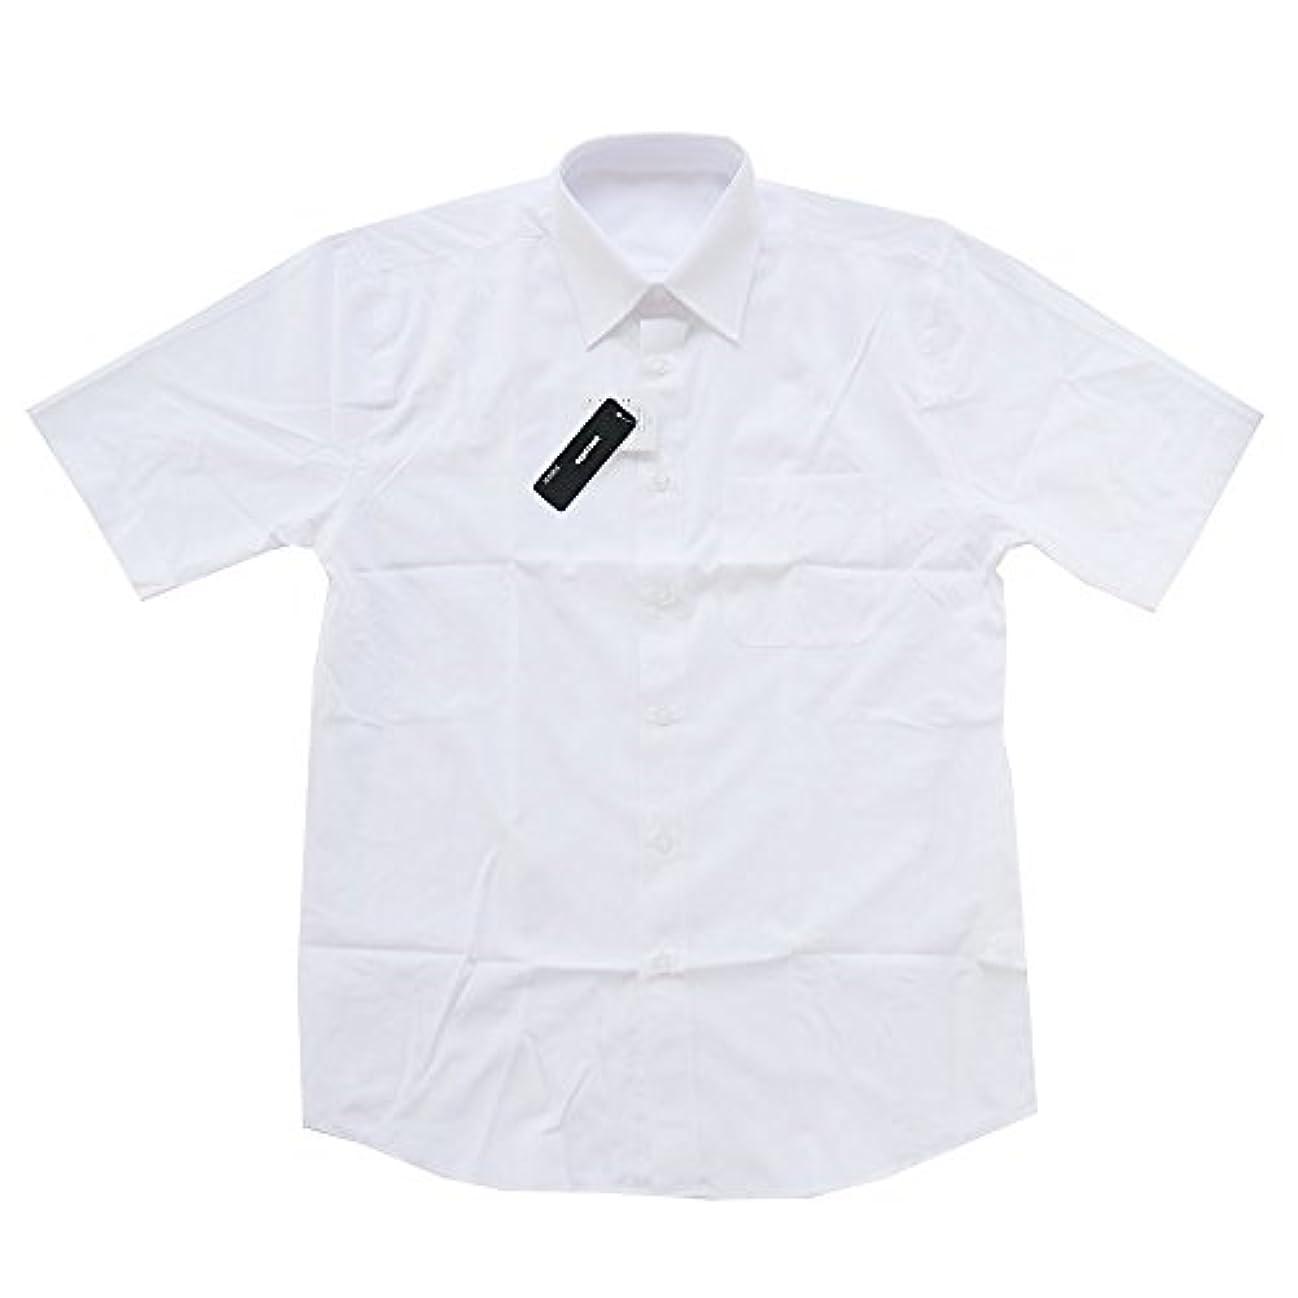 後方平方整理するワイシャツ メンズ 半袖 カッター シャツ ドレス 学生服 Yシャツ ビジネス 無地 BD7000